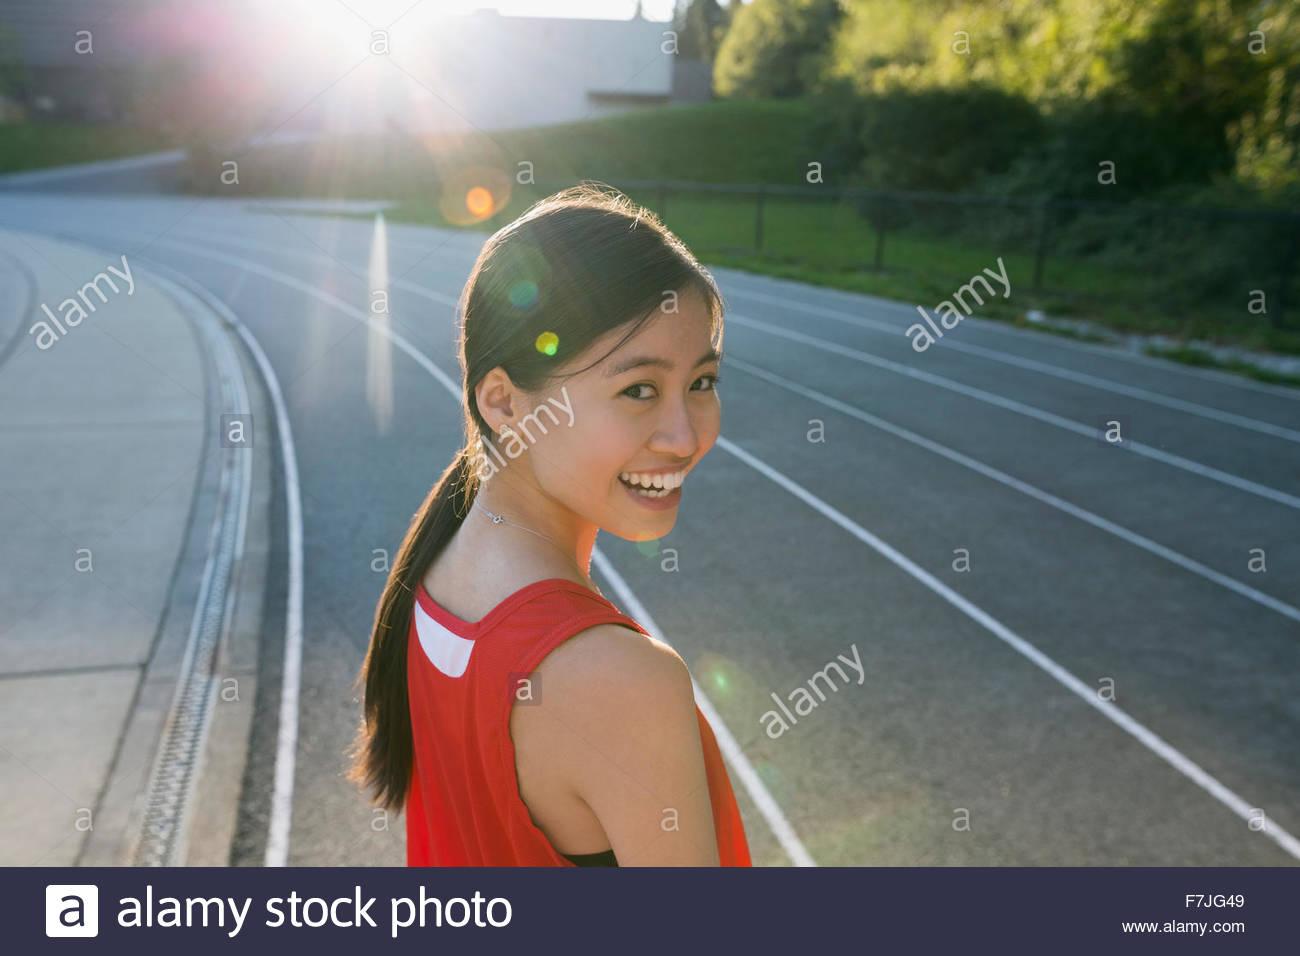 Porträt weibliche High-School Leichtathletin und Olympiateilnehmerin Stockbild